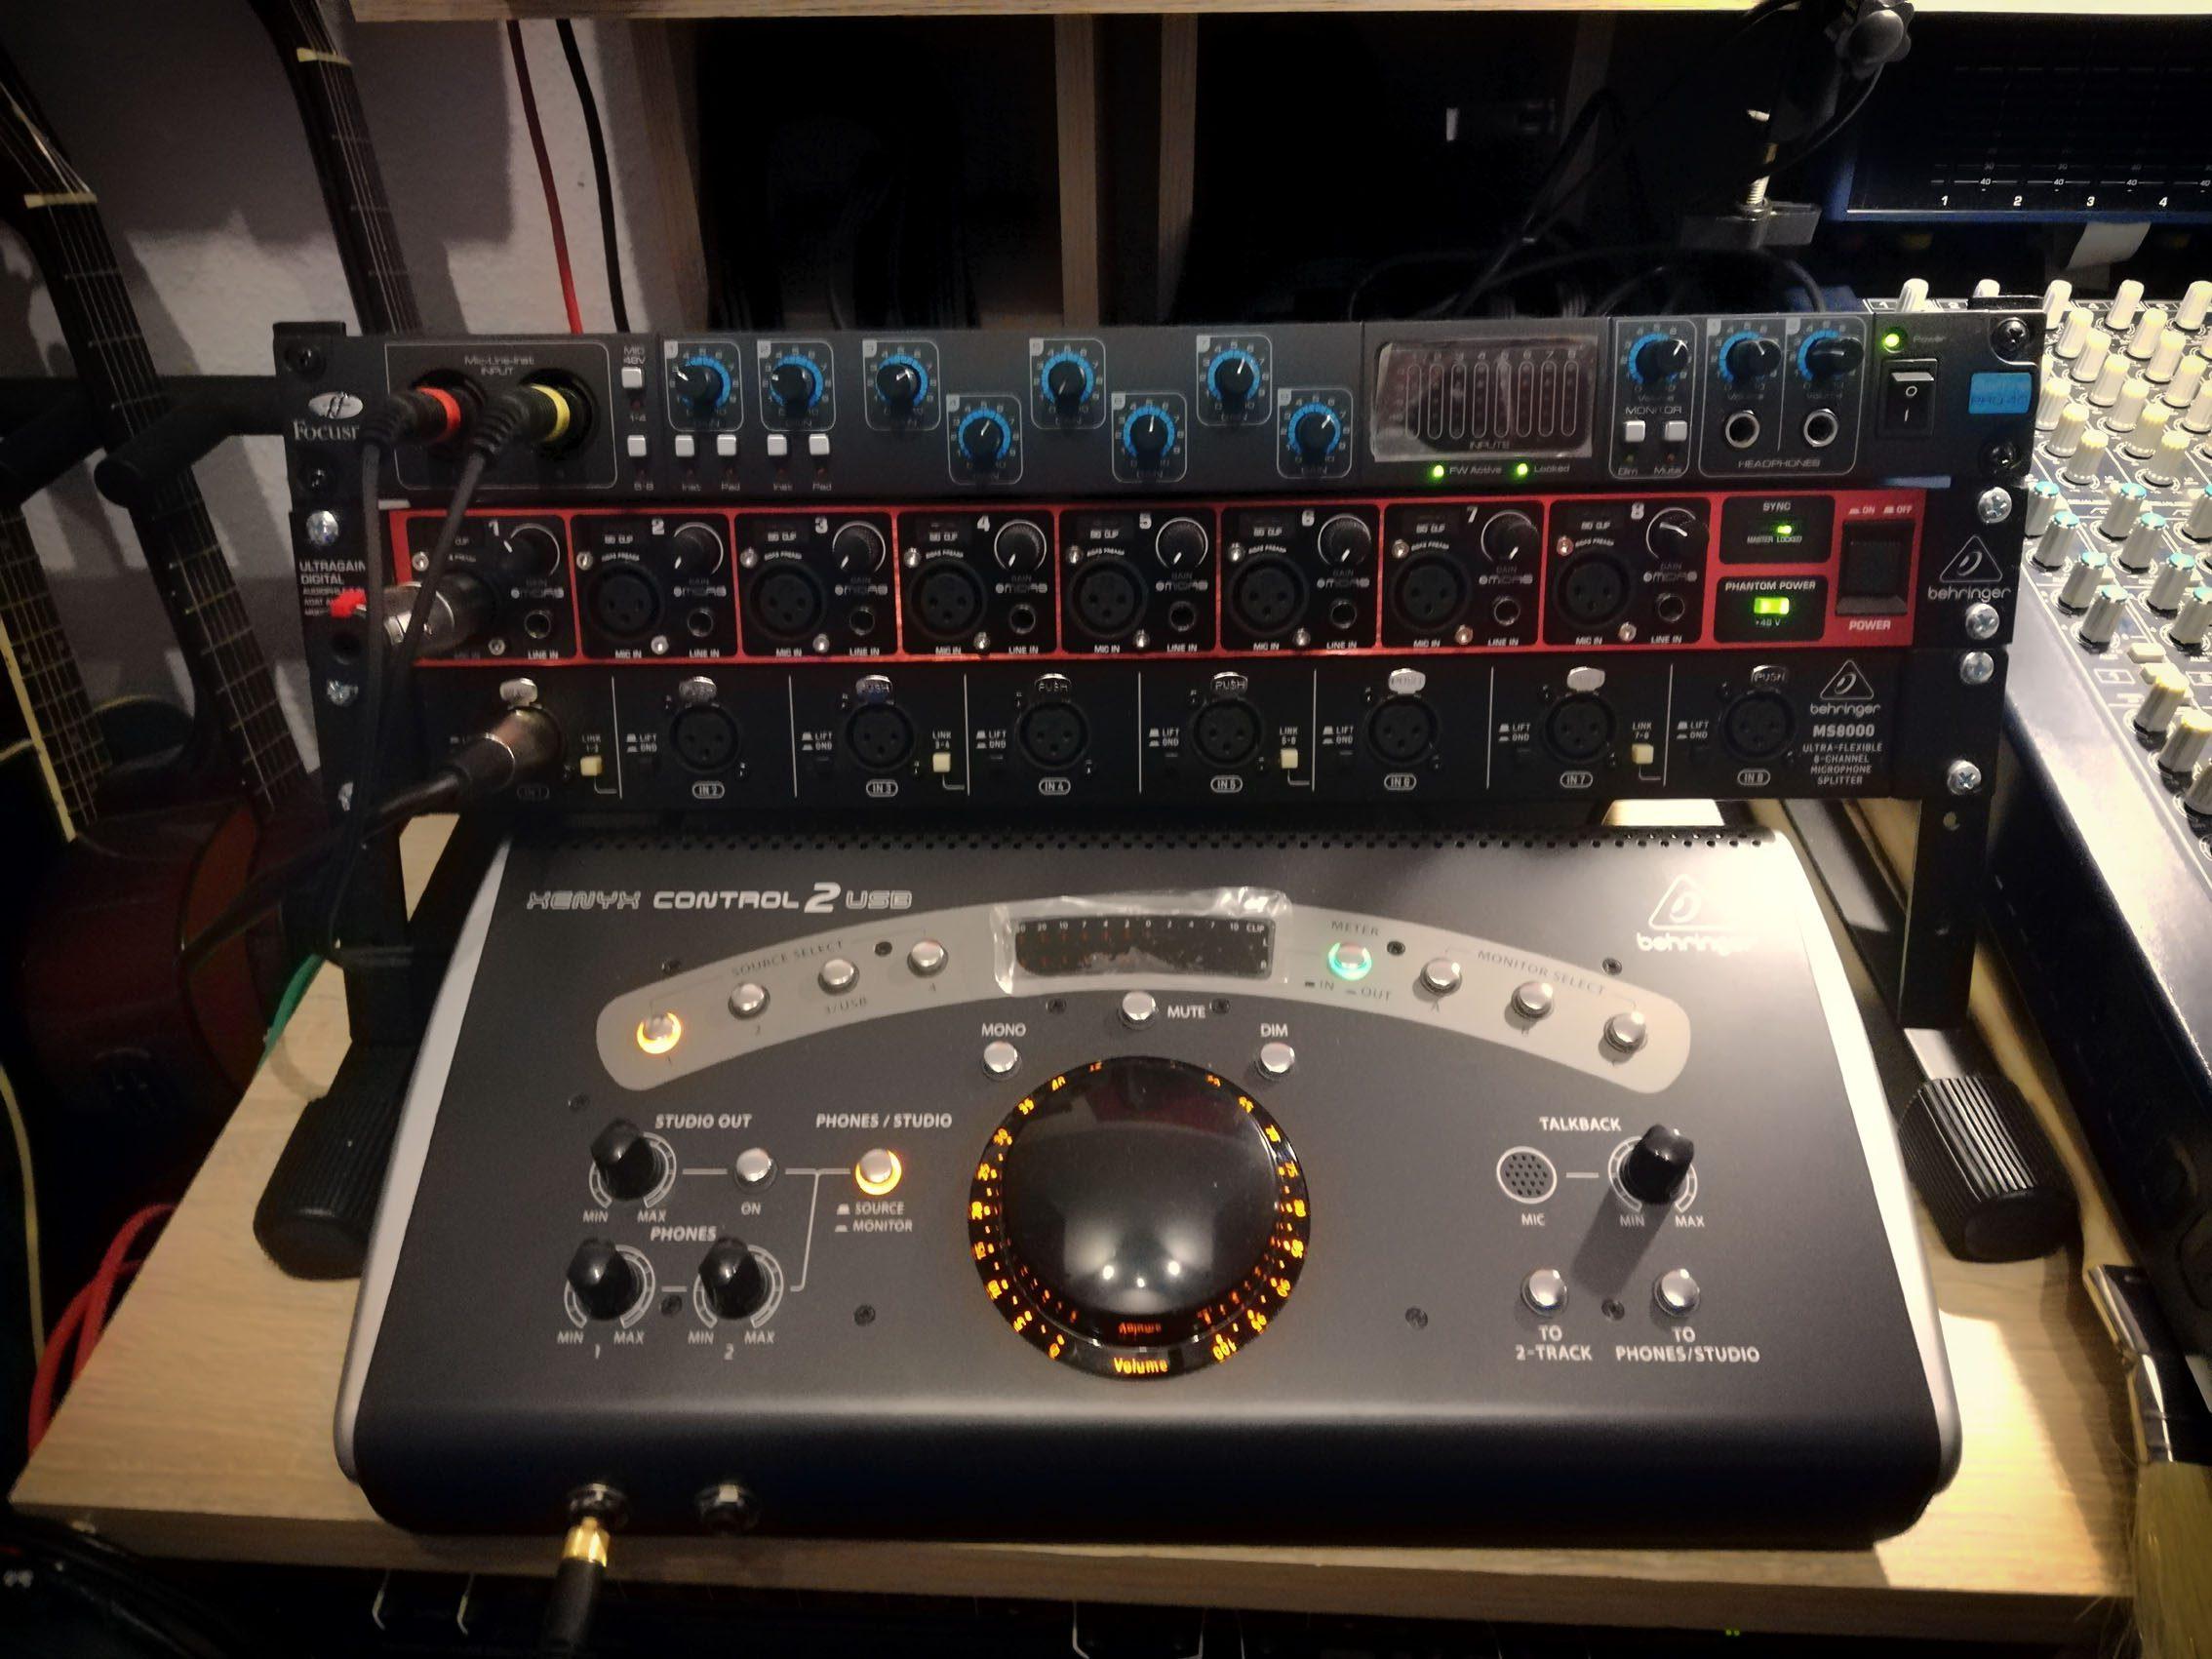 Focusrite Scarlett 18i20 3te Gen., Focusrite Saffire Pro 40, Behringer Ultragain ADA 8200, Behringer MS 8000 Splitter, Behringer Xenyx Control 2